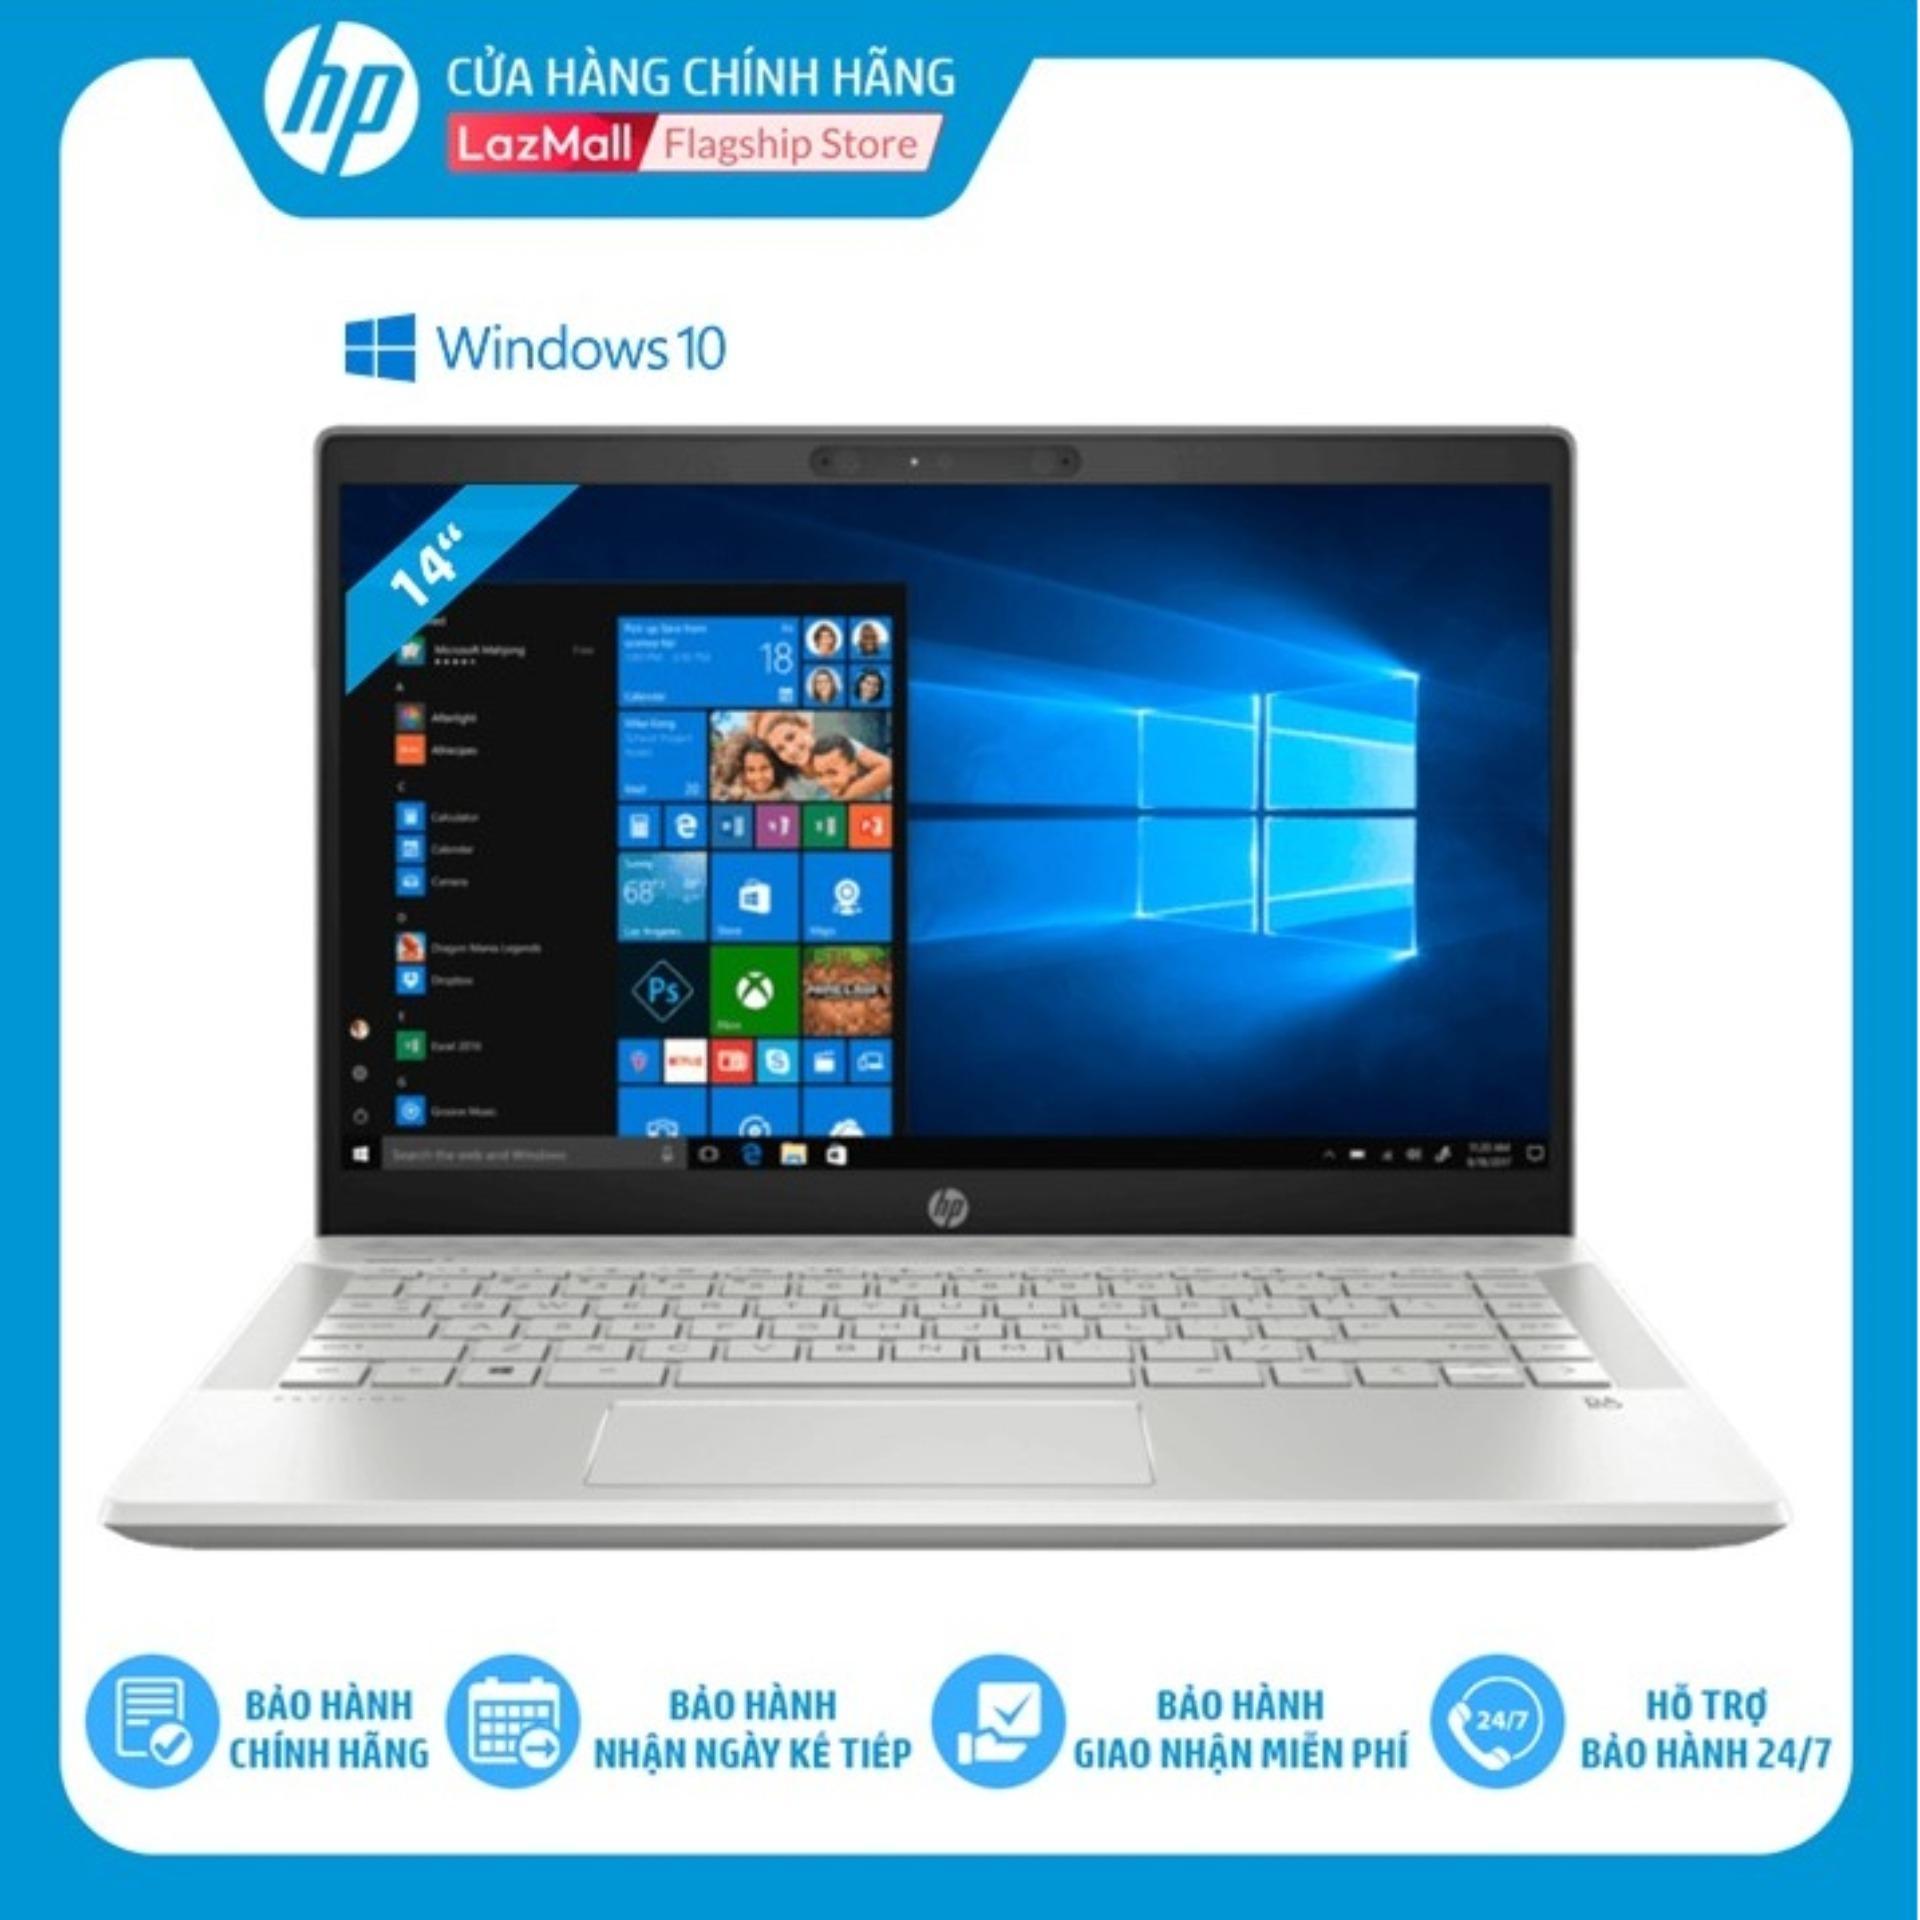 Laptop HP Pavilion 14-CE2039TU (Intel i5-8265U/ 4GB RAM DDR4/ 1TB HHD/ 14 FHD/ WIN10 HOME/Màu bạc khoáng-6YZ15PA) - Hàng Chính Hãng